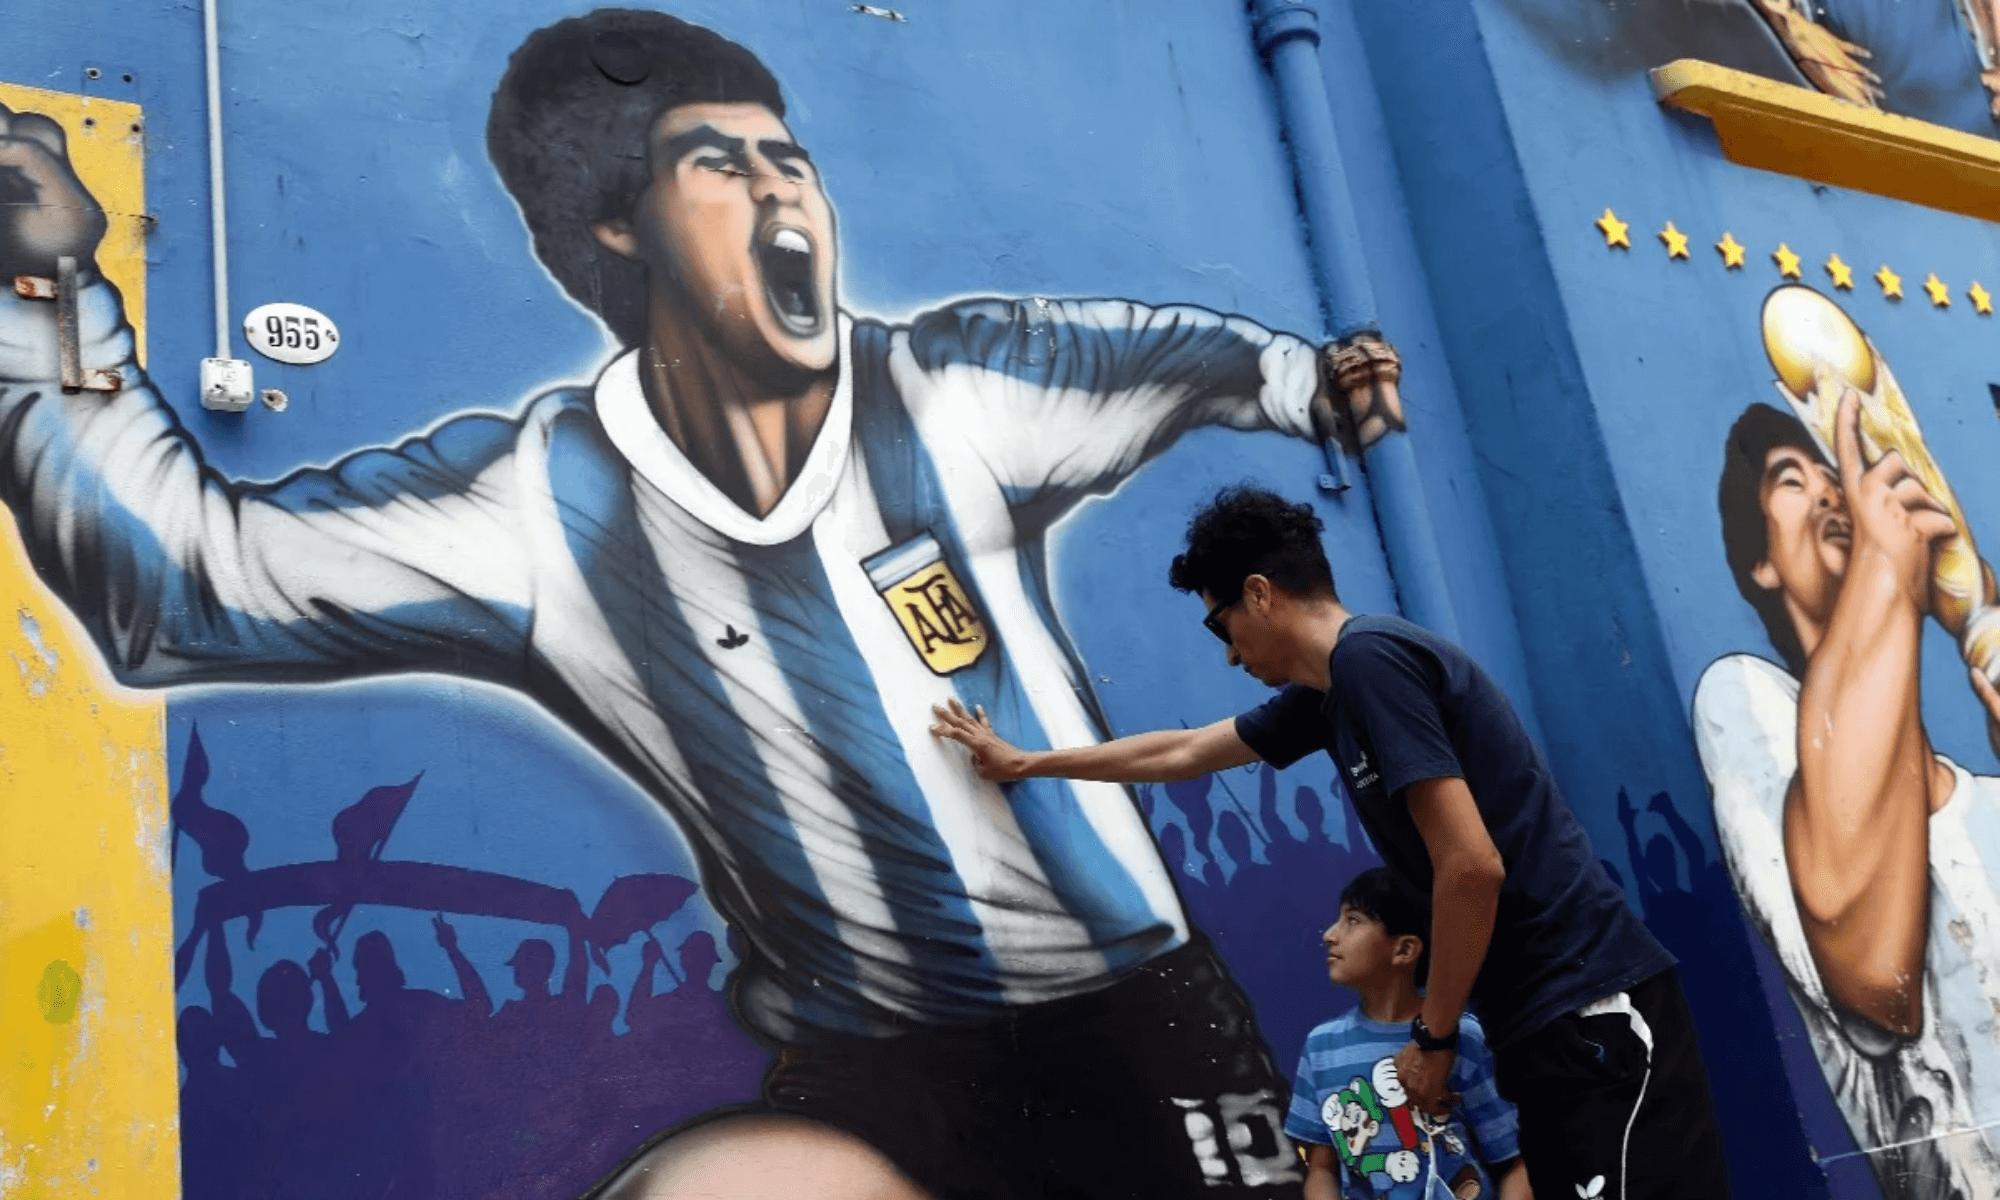 La Ciudad de Buenos Aires trabaja en el diseño de un circuito turístico sobre la vida de Diego Armando Maradona 1